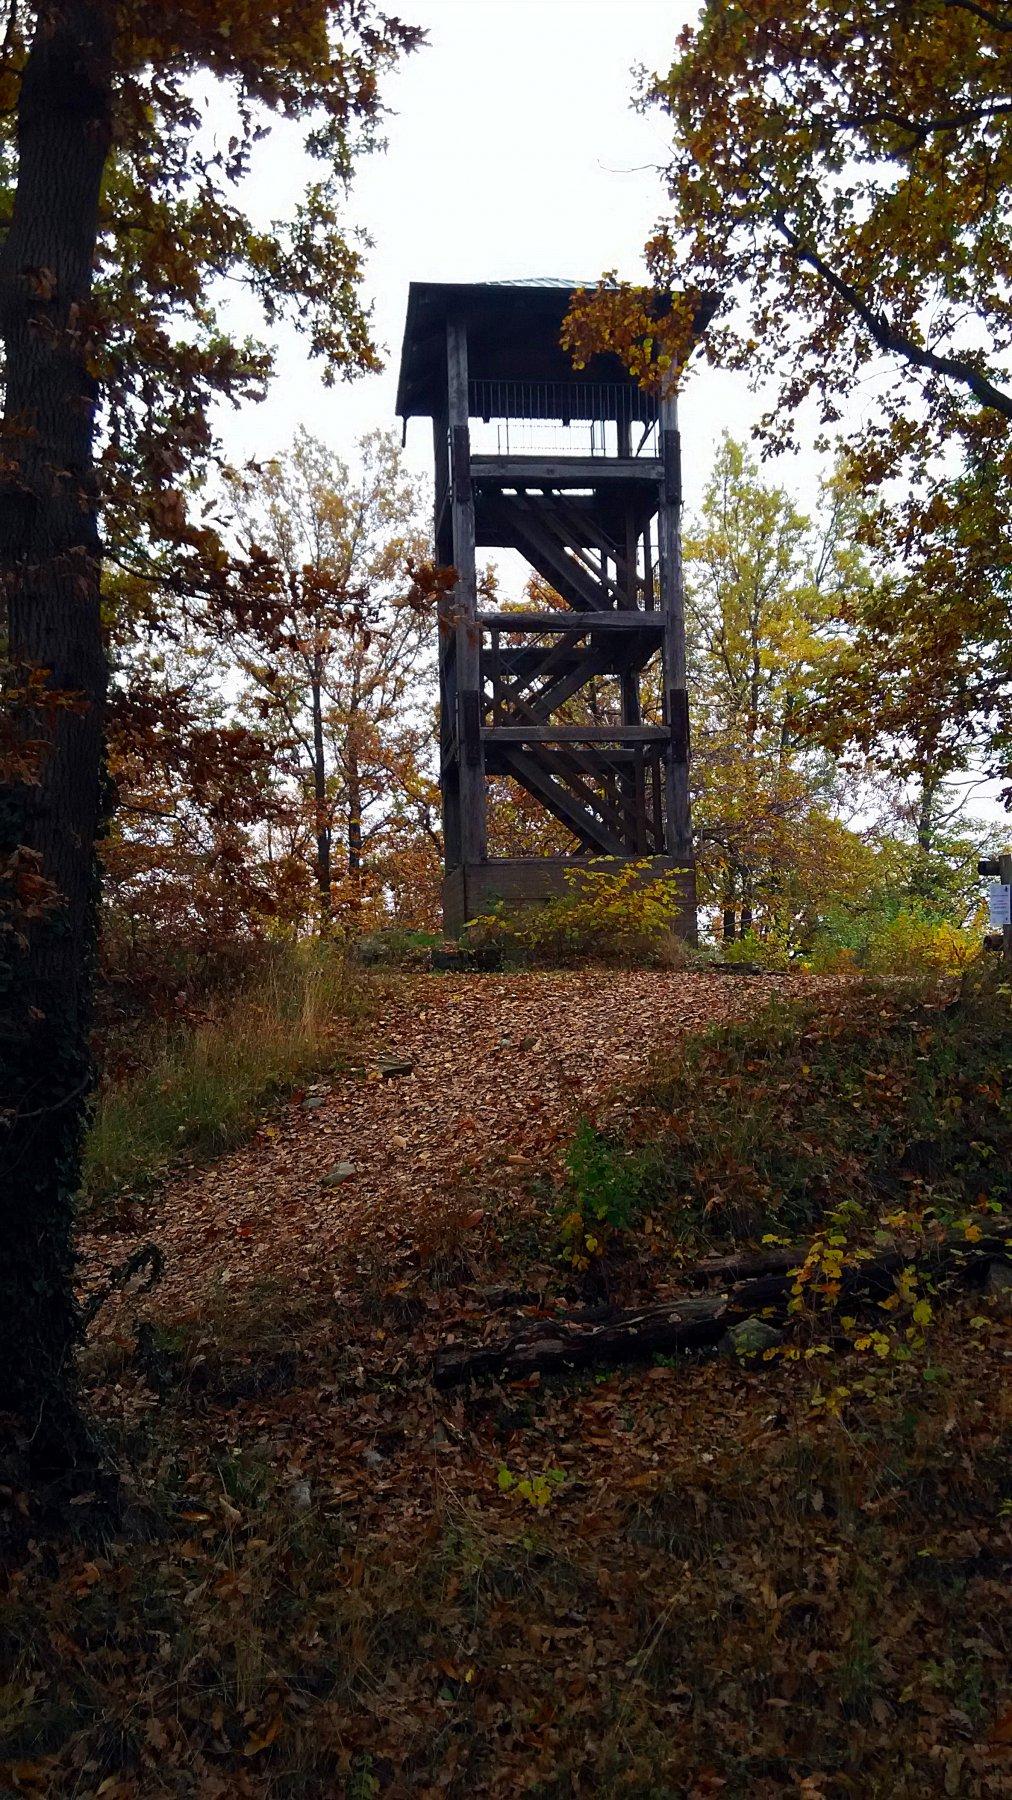 Aggiornamento: In data 31-10 hanno chiuso la torre.